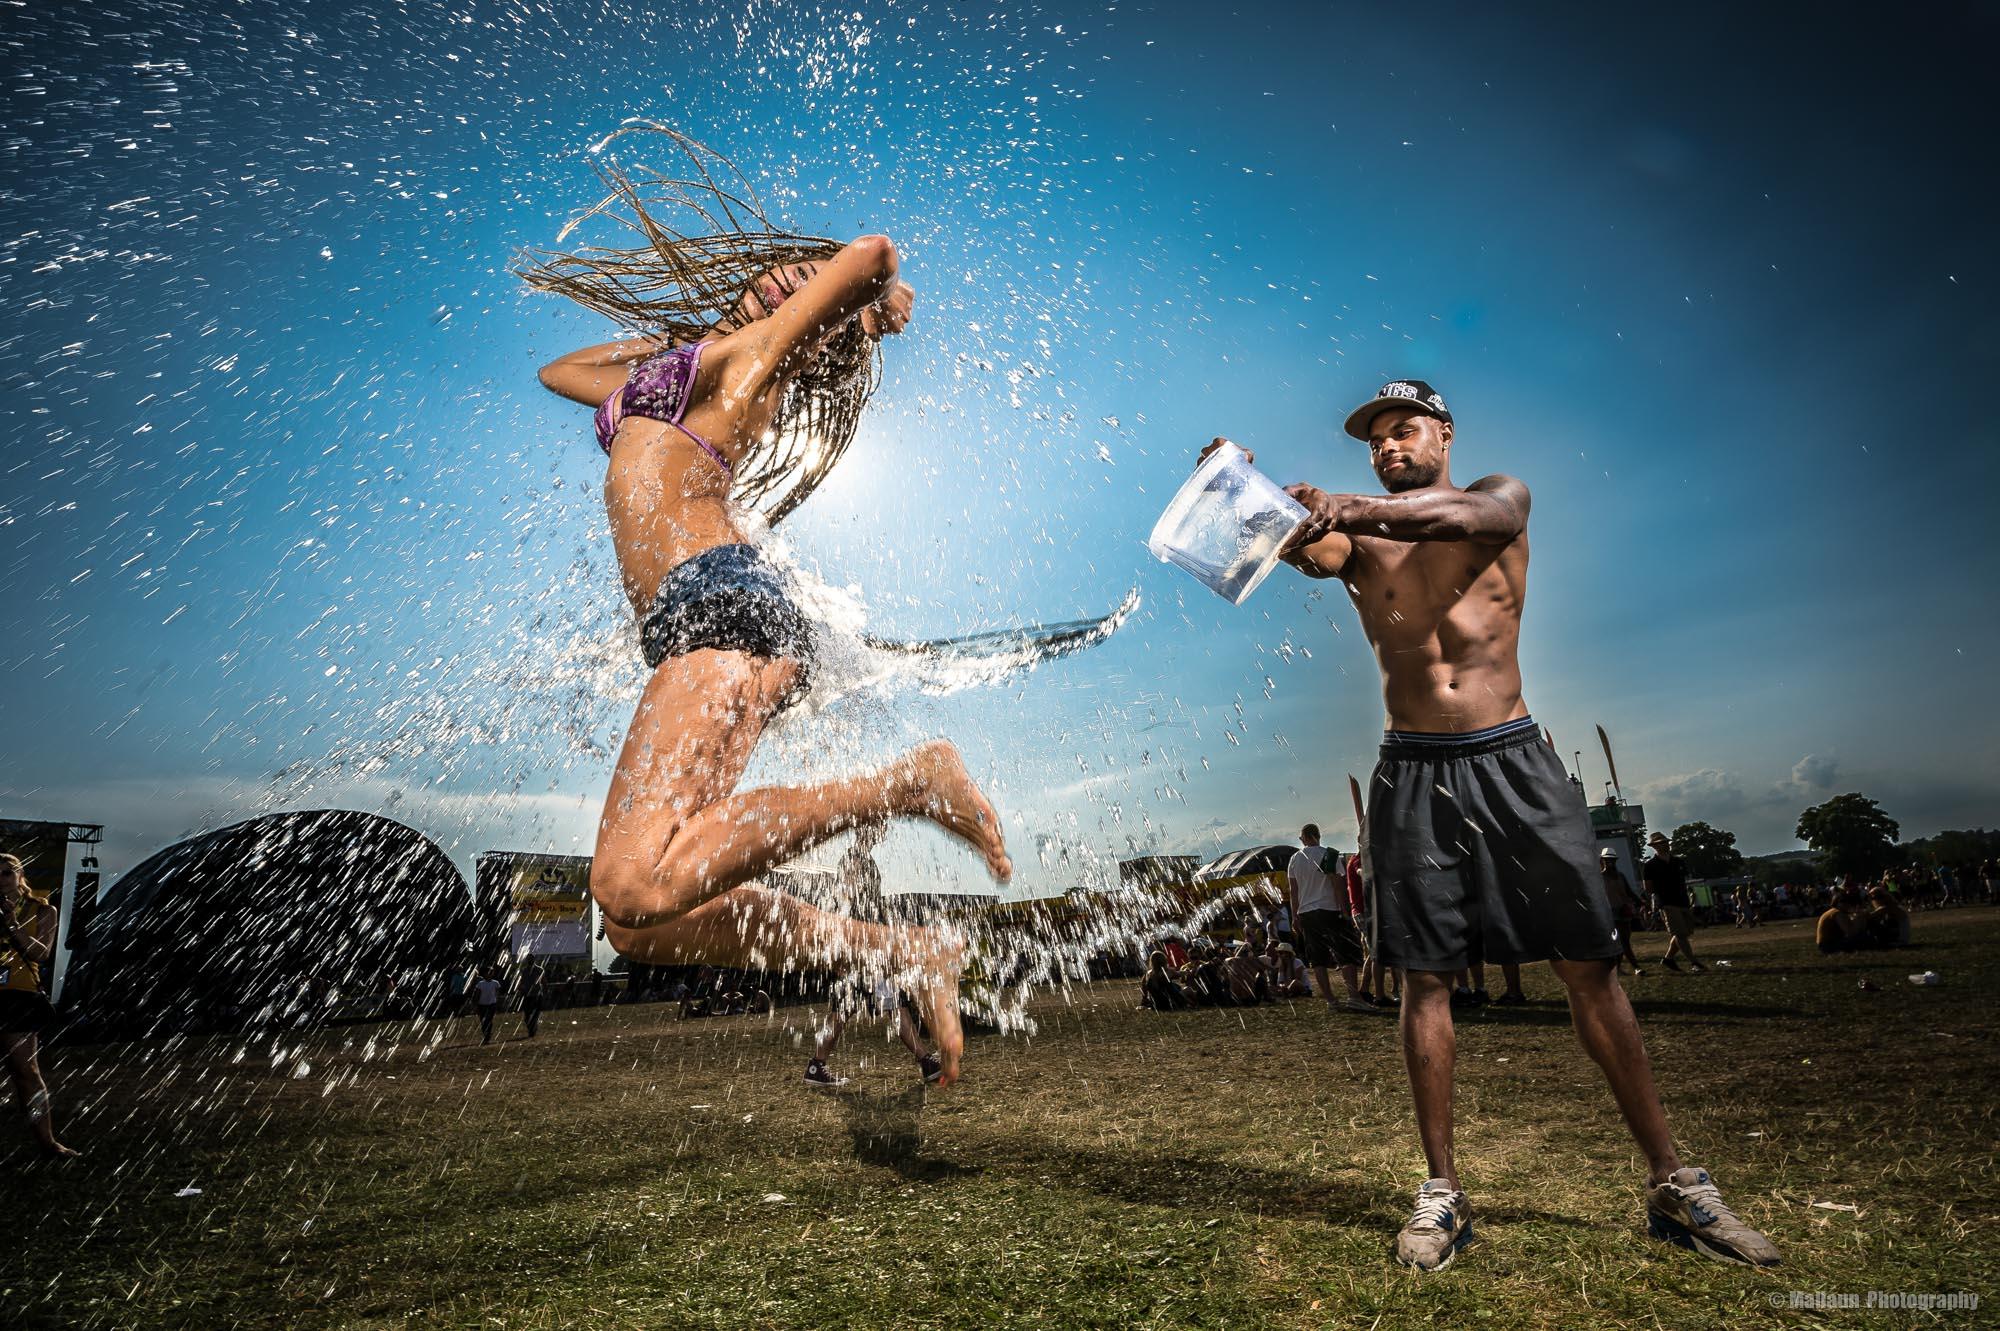 Wir lieben Wasser © Mallaun Photography